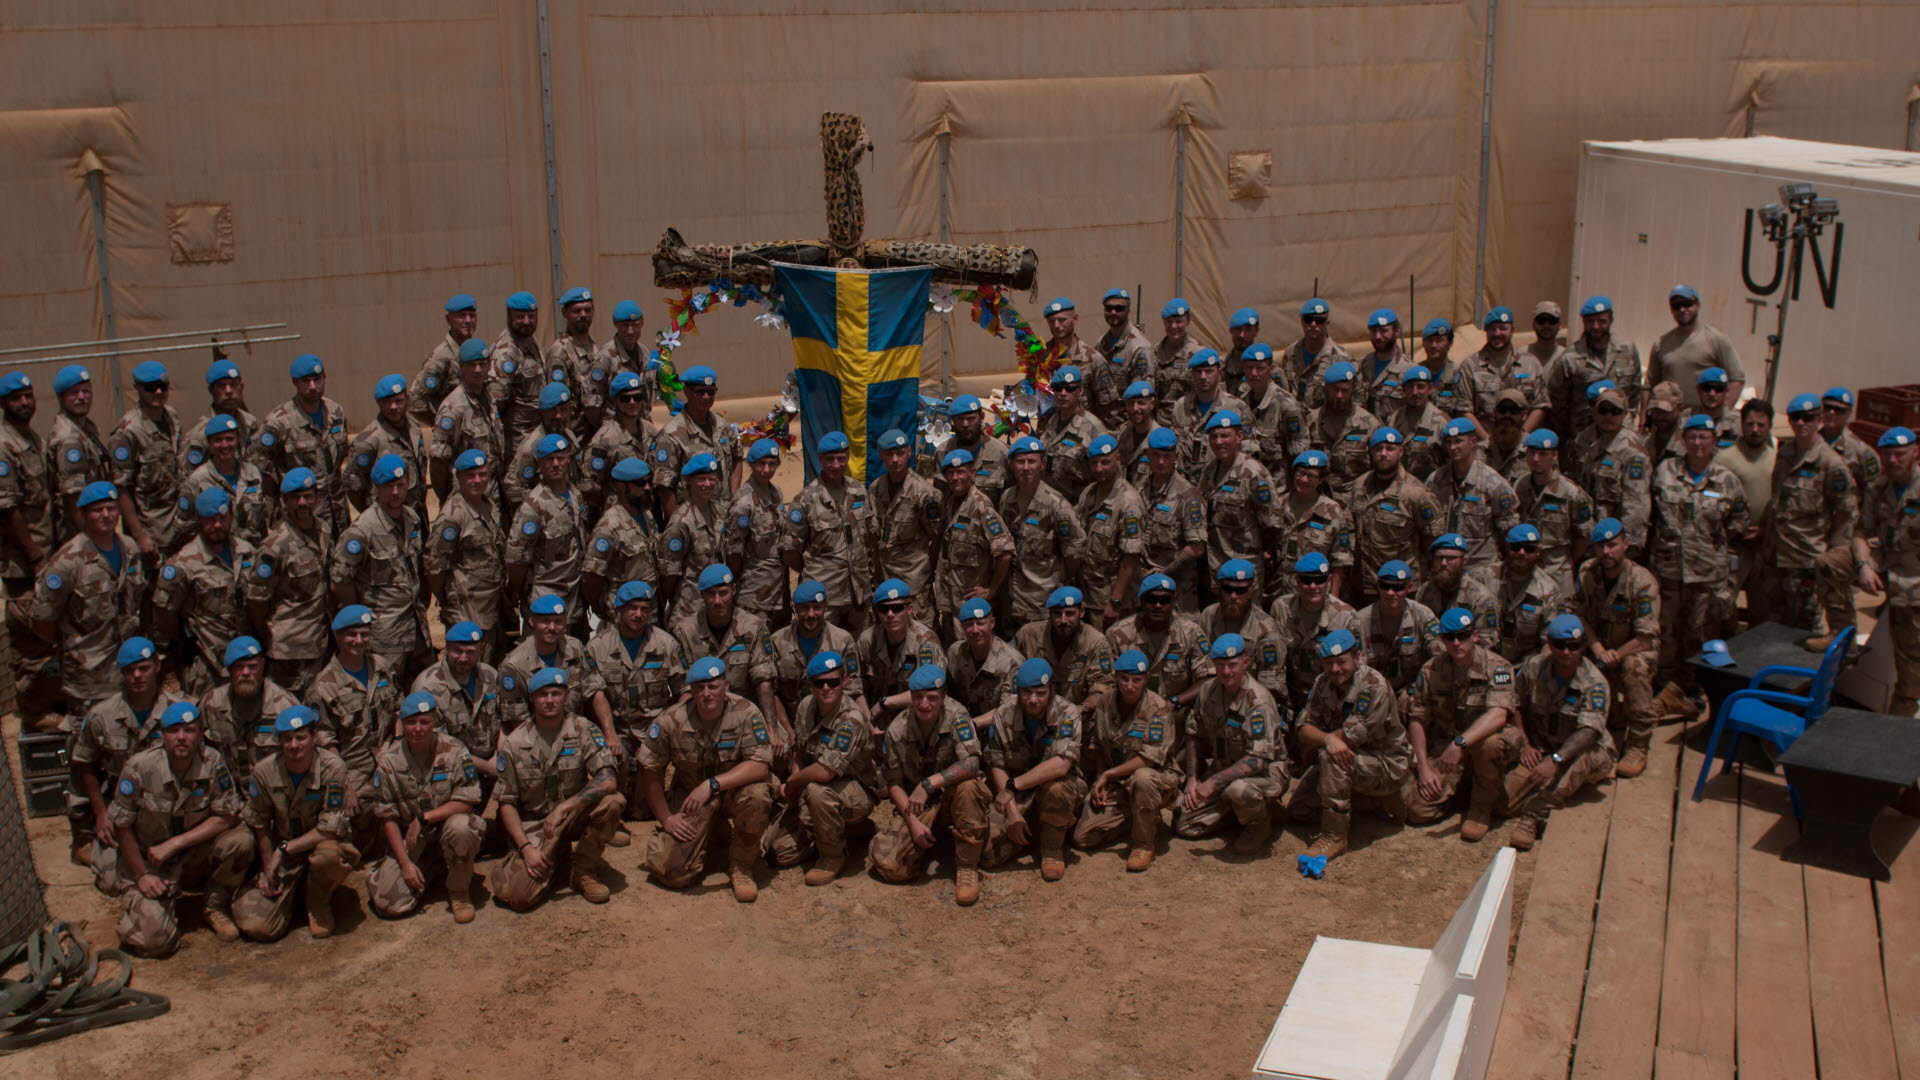 www.forsvarsmakten.se/imagevault/publishedmedia/9kwm7diw64jlemeoccvr/160624_MALI_04_Midsommar_003_karben04.jpg